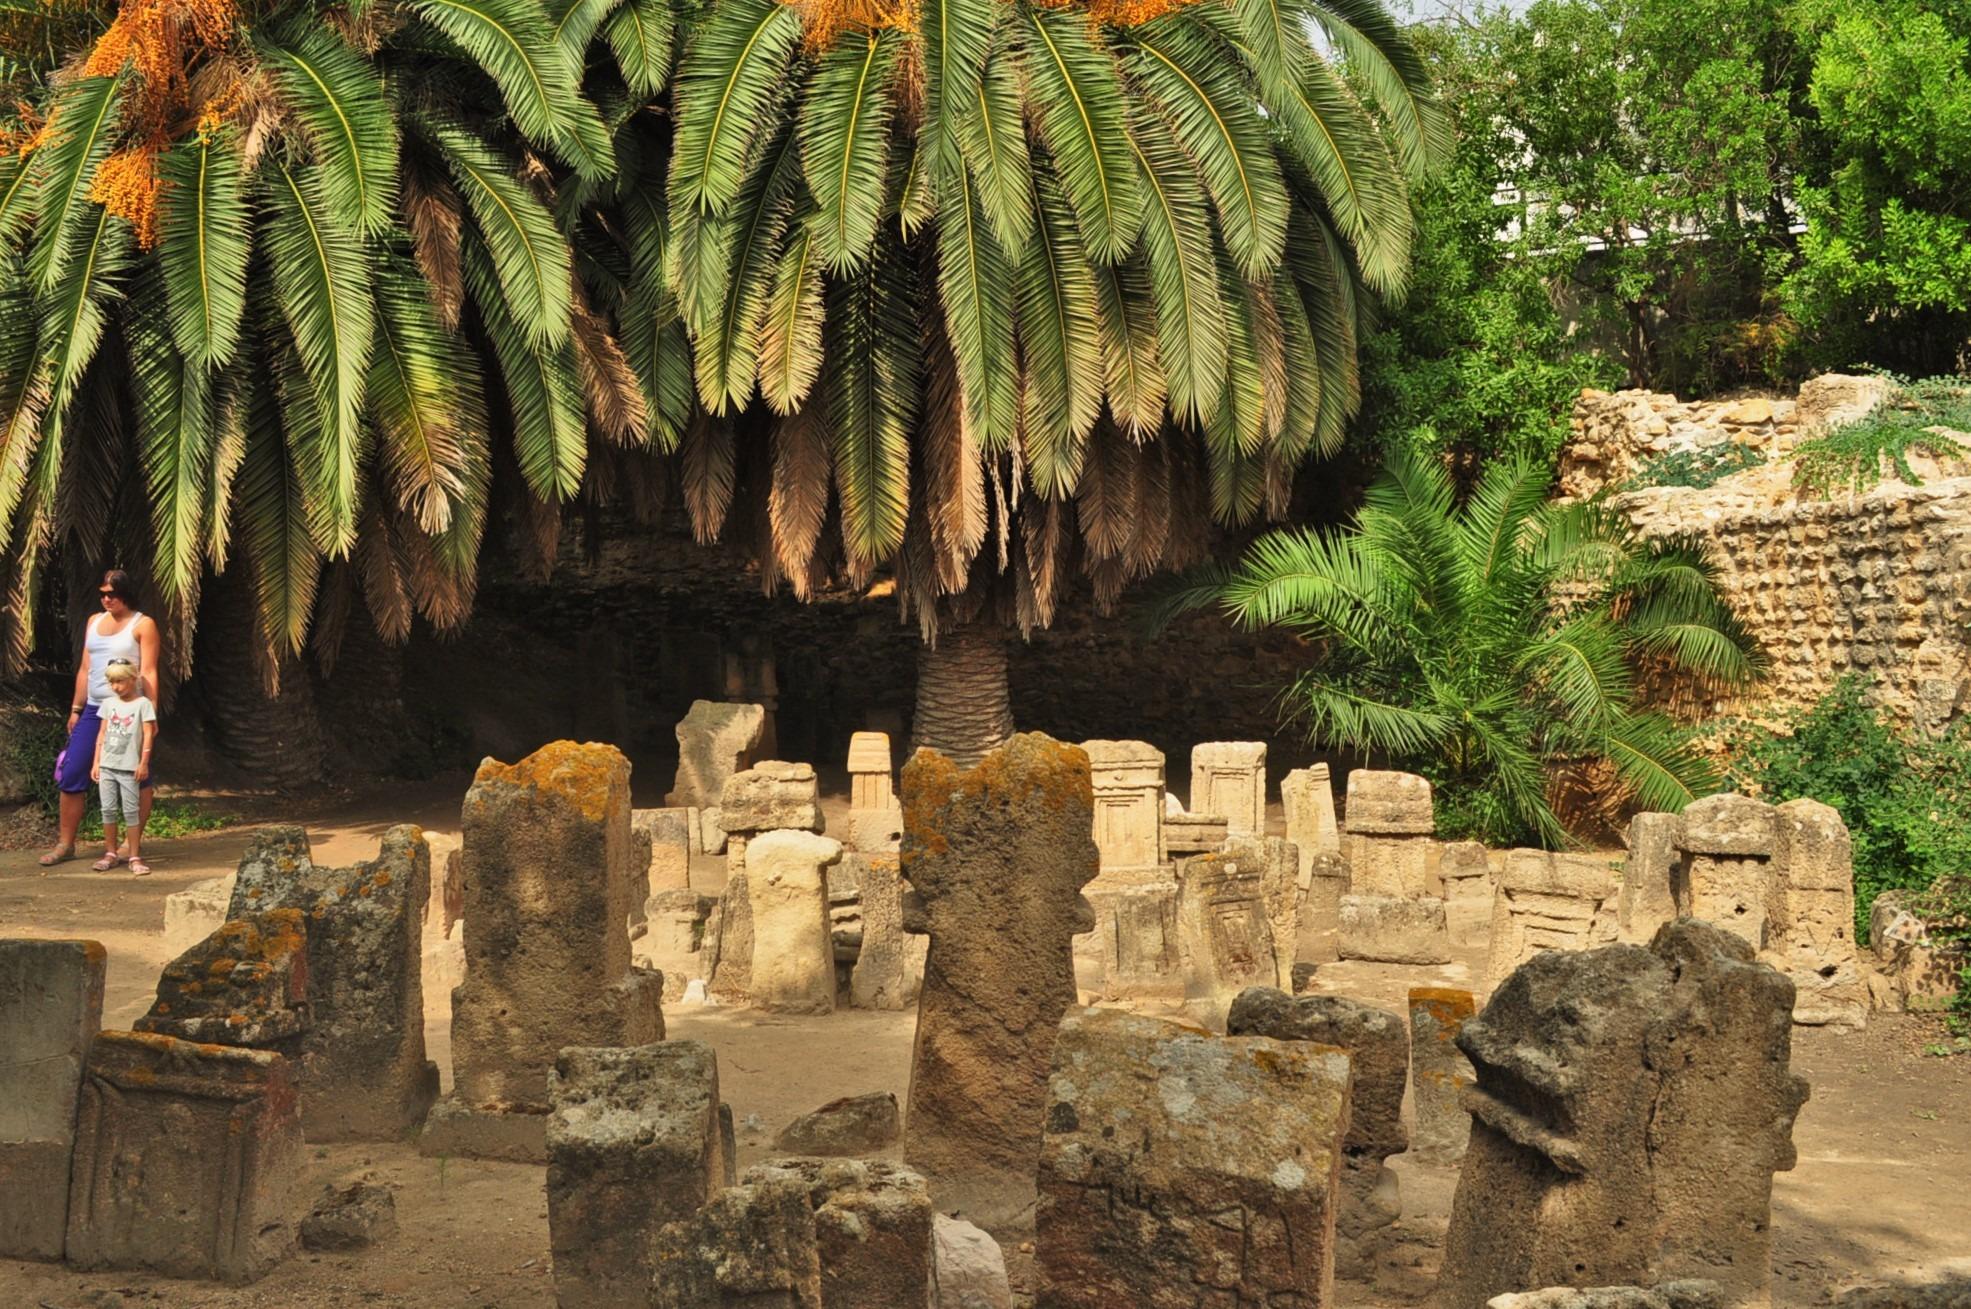 За жалост почни нищо не е останало от един от от най-могъщите градове  в древността. Като изключим  тези надгробни камъни на дечицата и  девойките, убивани, за да омилостивят боговете...